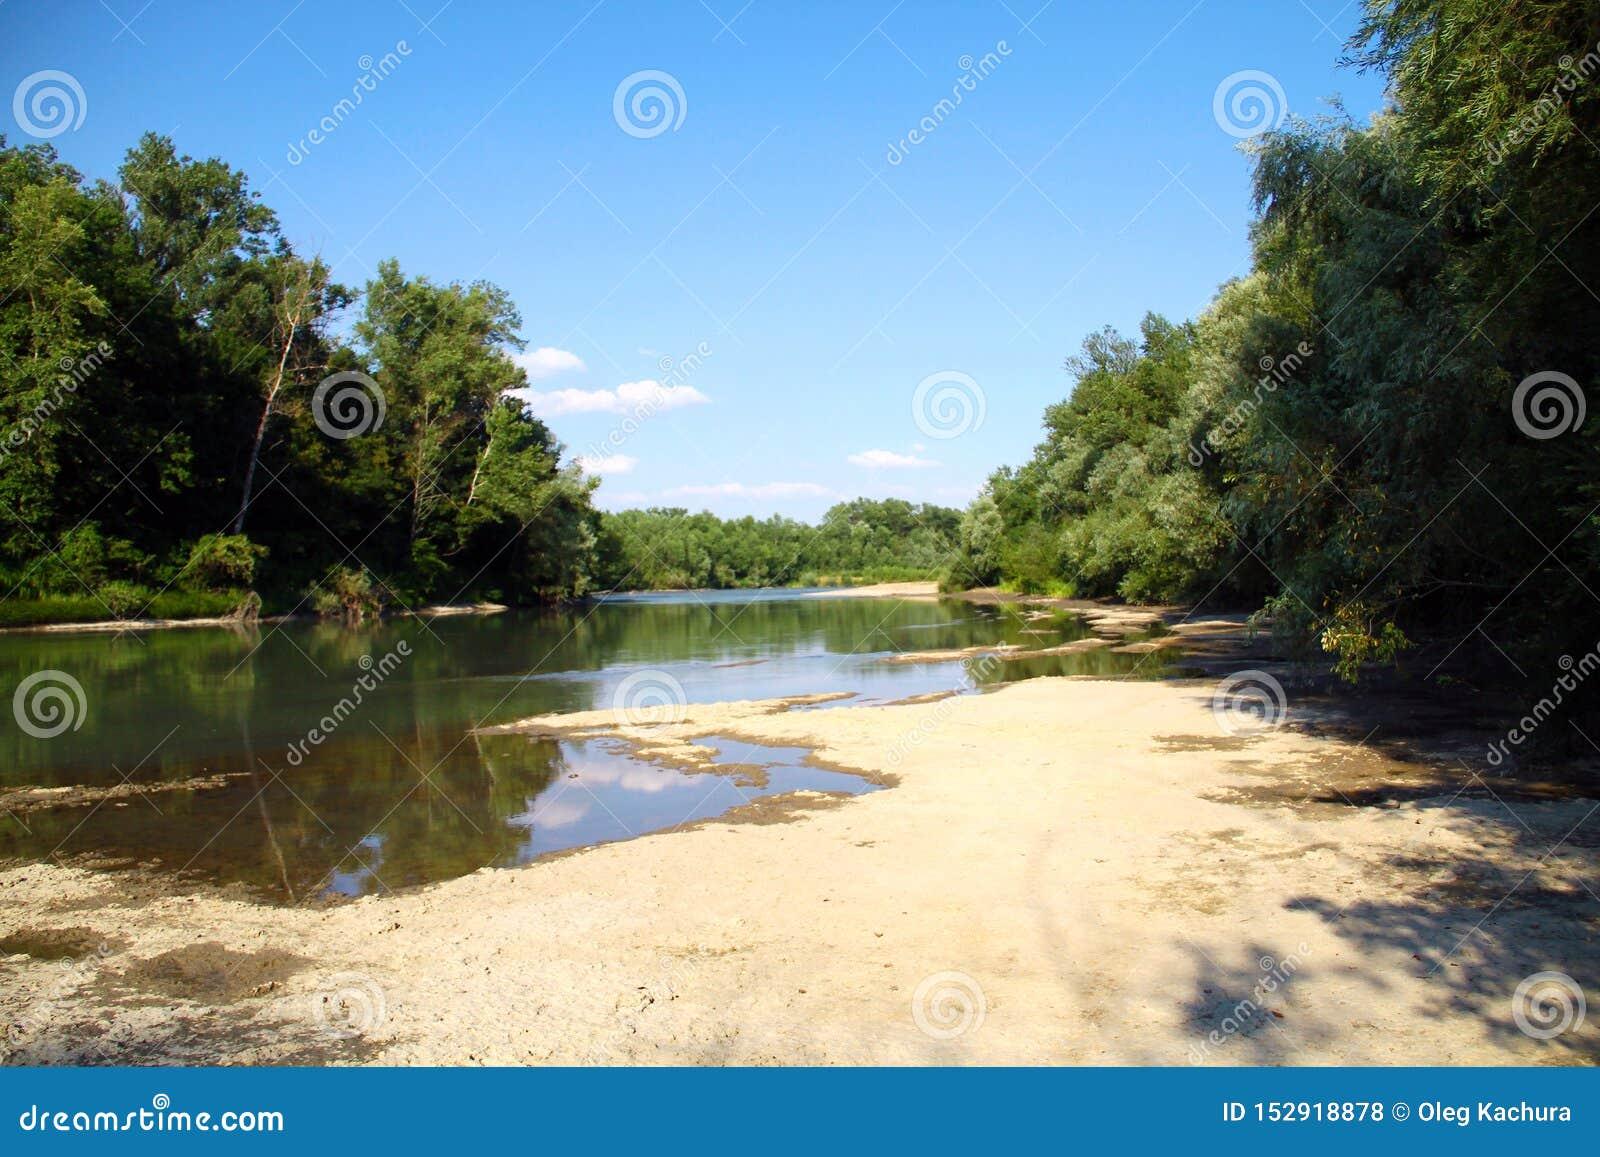 Ποταμός βουνών που διατρέχει του πράσινου δάσους